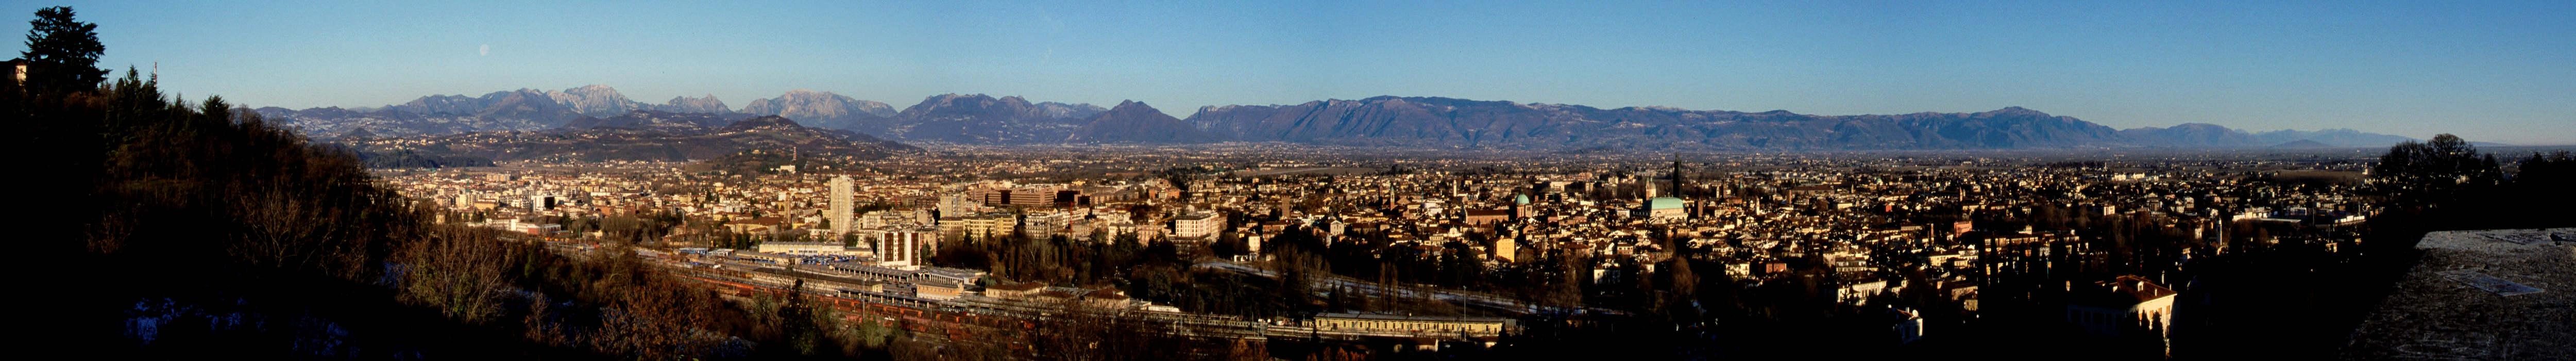 Vicenza : fotografia panoramica dalla terrazza della Basilica di ...